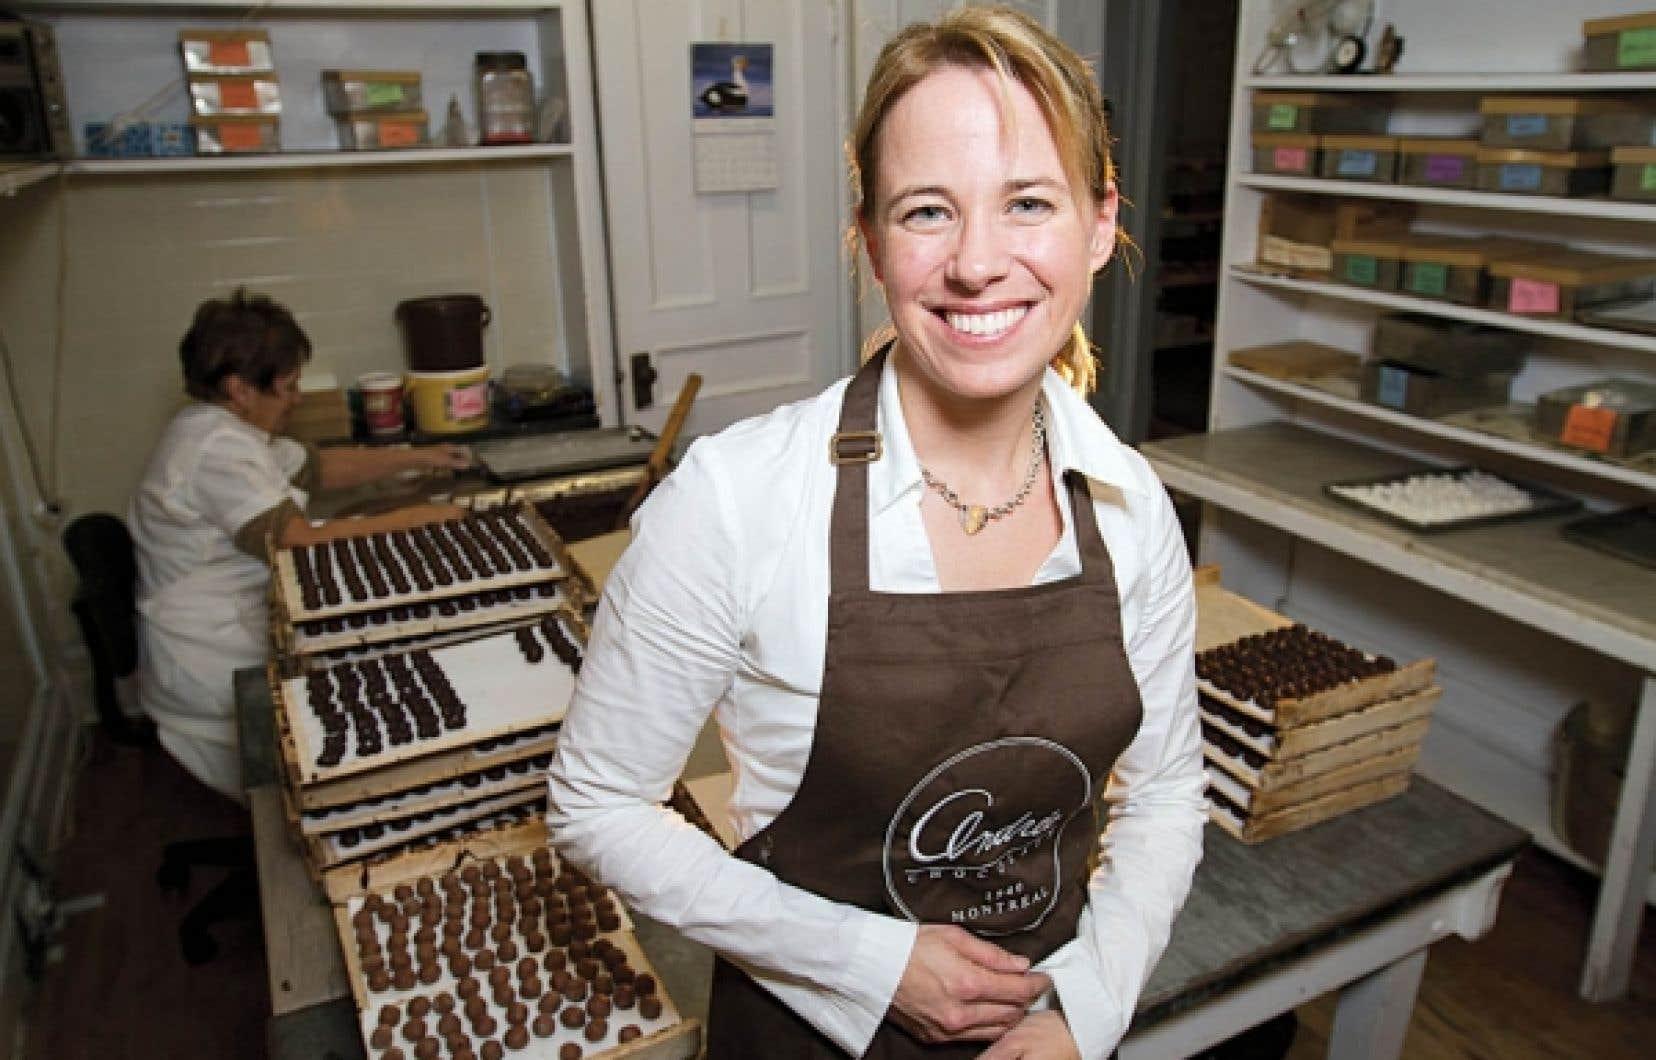 Chocolats Andrée, cela a d'abord été l'histoire des sœurs Madeleine et Juliette. Ce fut ensuite celle de la fille de Madeleine, Nicole. Aujourd'hui, une troisième génération est à la barre de l'entreprise: Stéphanie Saint-Denis.